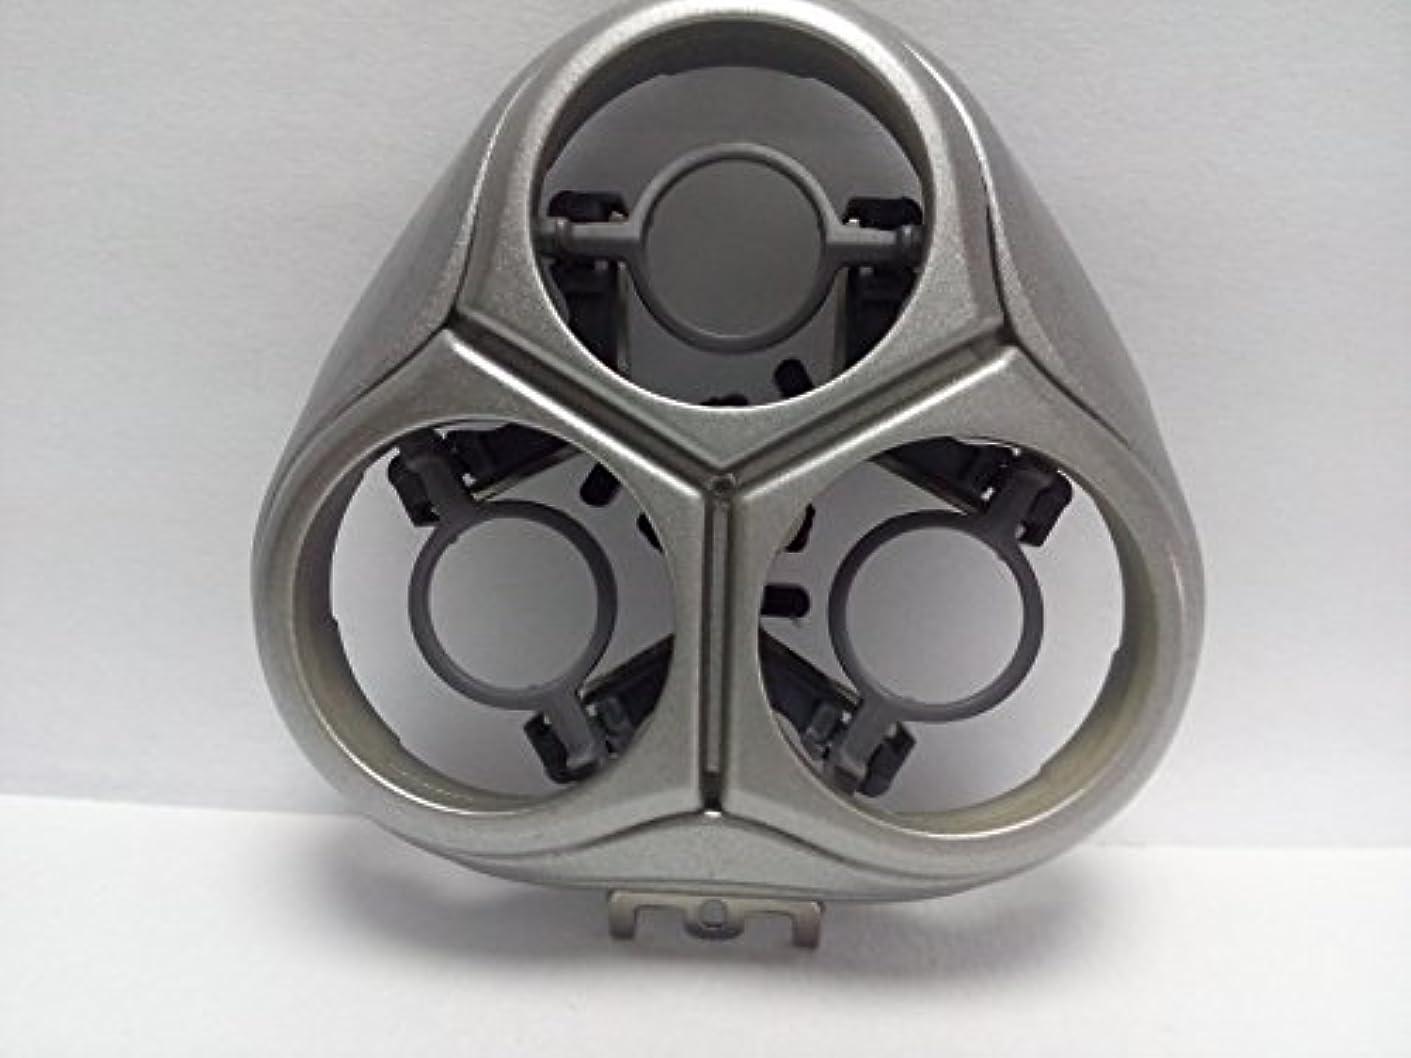 不均一自治的浴シェービングカミソリヘッドフレームホルダーカバー ブレードフレーム For Philips Norelco HQ8200 HQ8230 HQ8261 HQ8241 HQ8251 Shaver Razor Head blade...